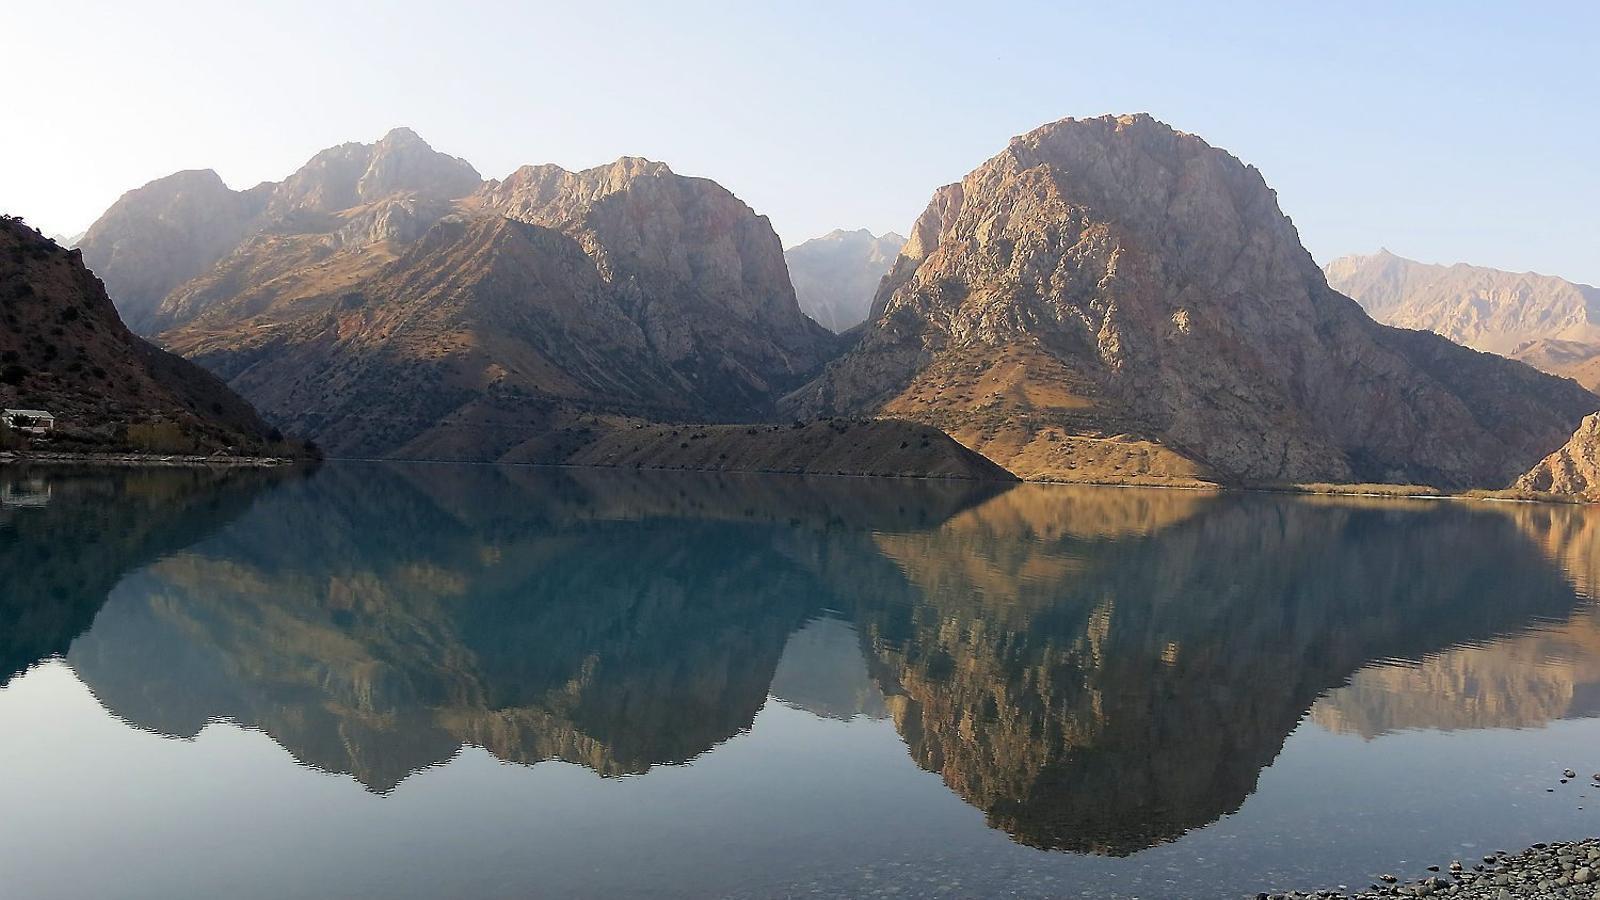 Les muntanyes es reflecteixen sobre l'aigua encalmada del llac Iskanderkul, on diuen que va morir Bucèfal, el cavall d'Alexandre el Gran.